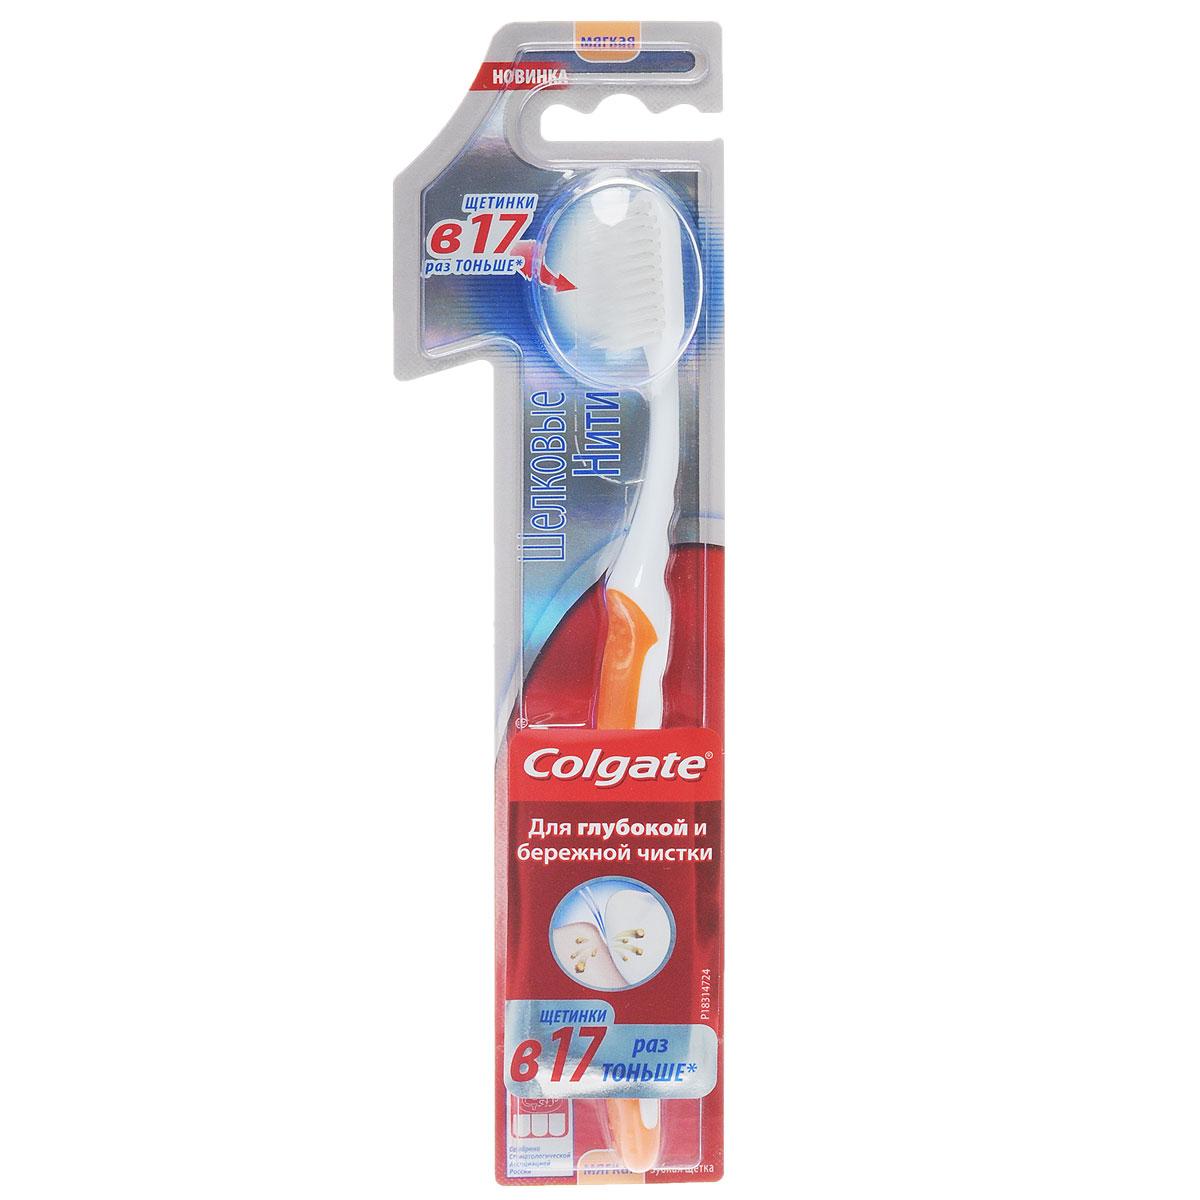 Colgate Зубная щетка Шелковые нити, с мягкой щетиной, цвет: оранжевый4630003365187Colgate Шелковые нити - зубная щетка с мягкой щетиной. Специально разработанные щетинки зубной щетки в 17 раз тоньше и лучше удаляют зубной налет, остатки пищи из межзубных промежутков и вдоль линии десен.Эргономичная рифленая ручка не скользит в ладони, амортизирует давление руки на нежную поверхность десен. Товар сертифицирован. Длина щетки: 19,5 см.Размер рабочей поверхности: 3 см х 1,5 см.Материал: пластик.